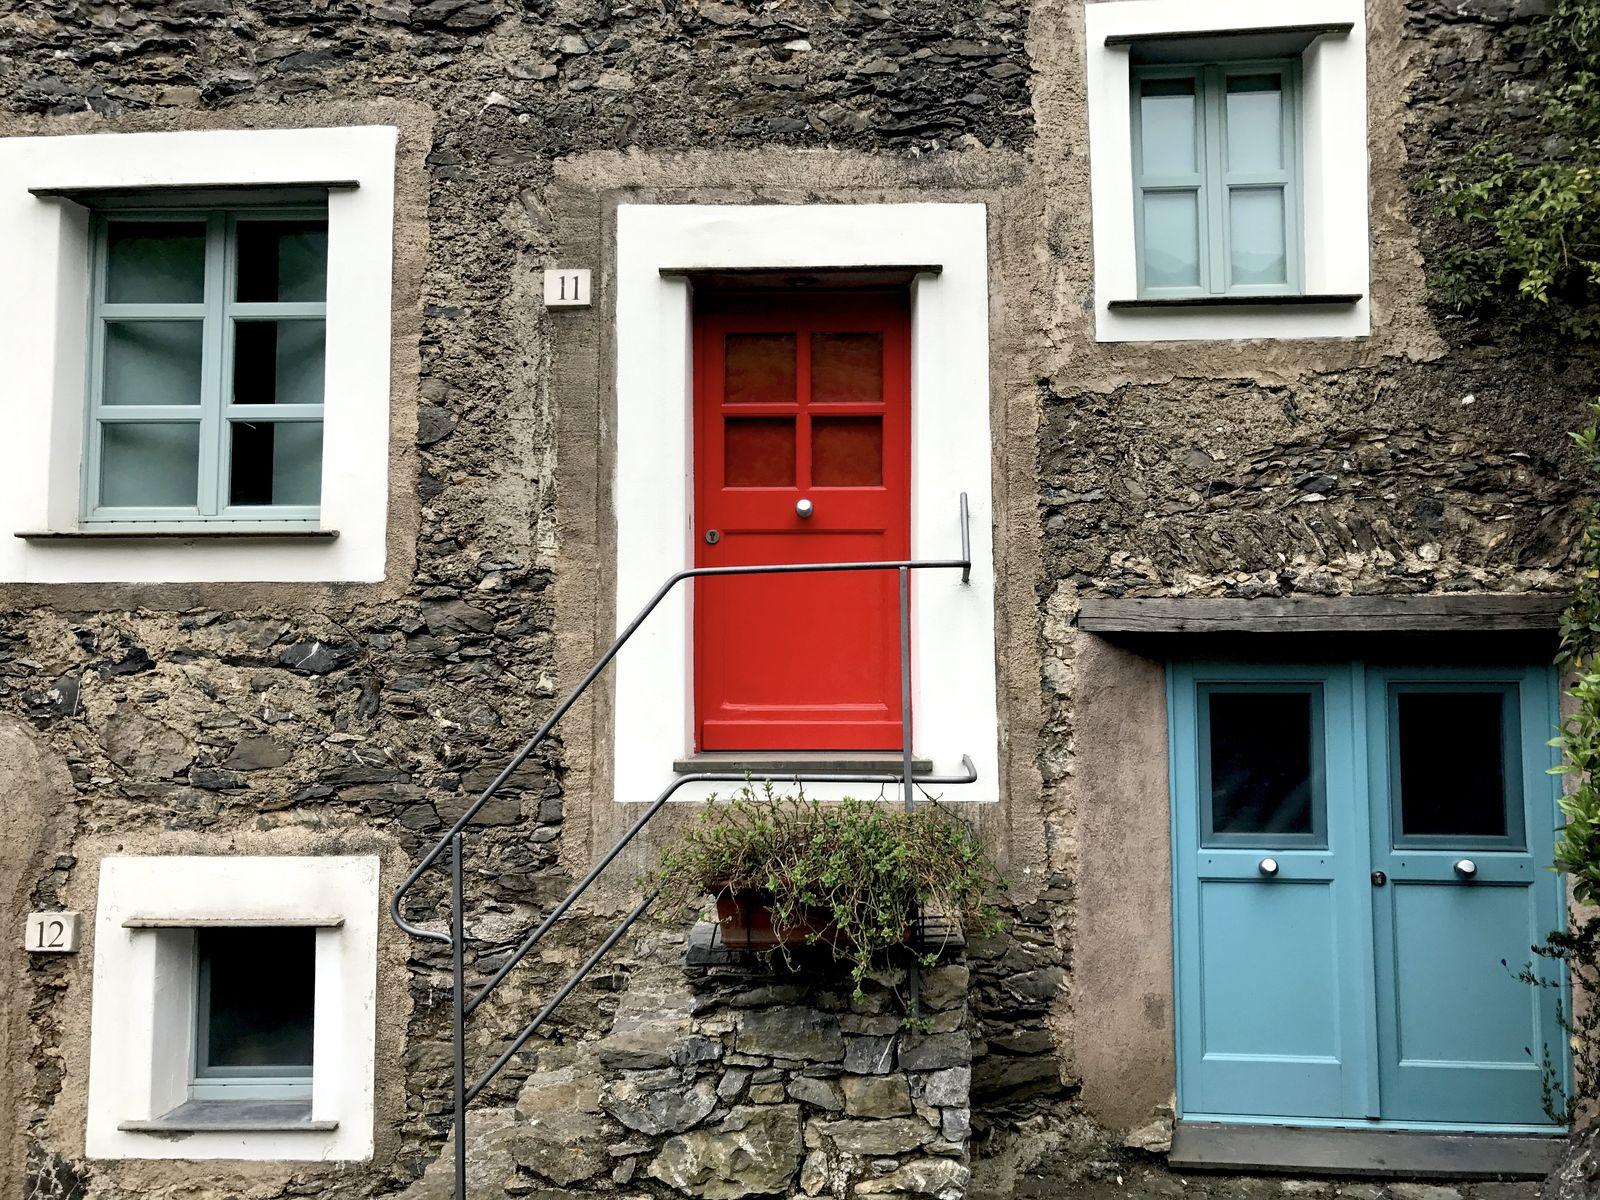 Le porte colorate di Castelbianco